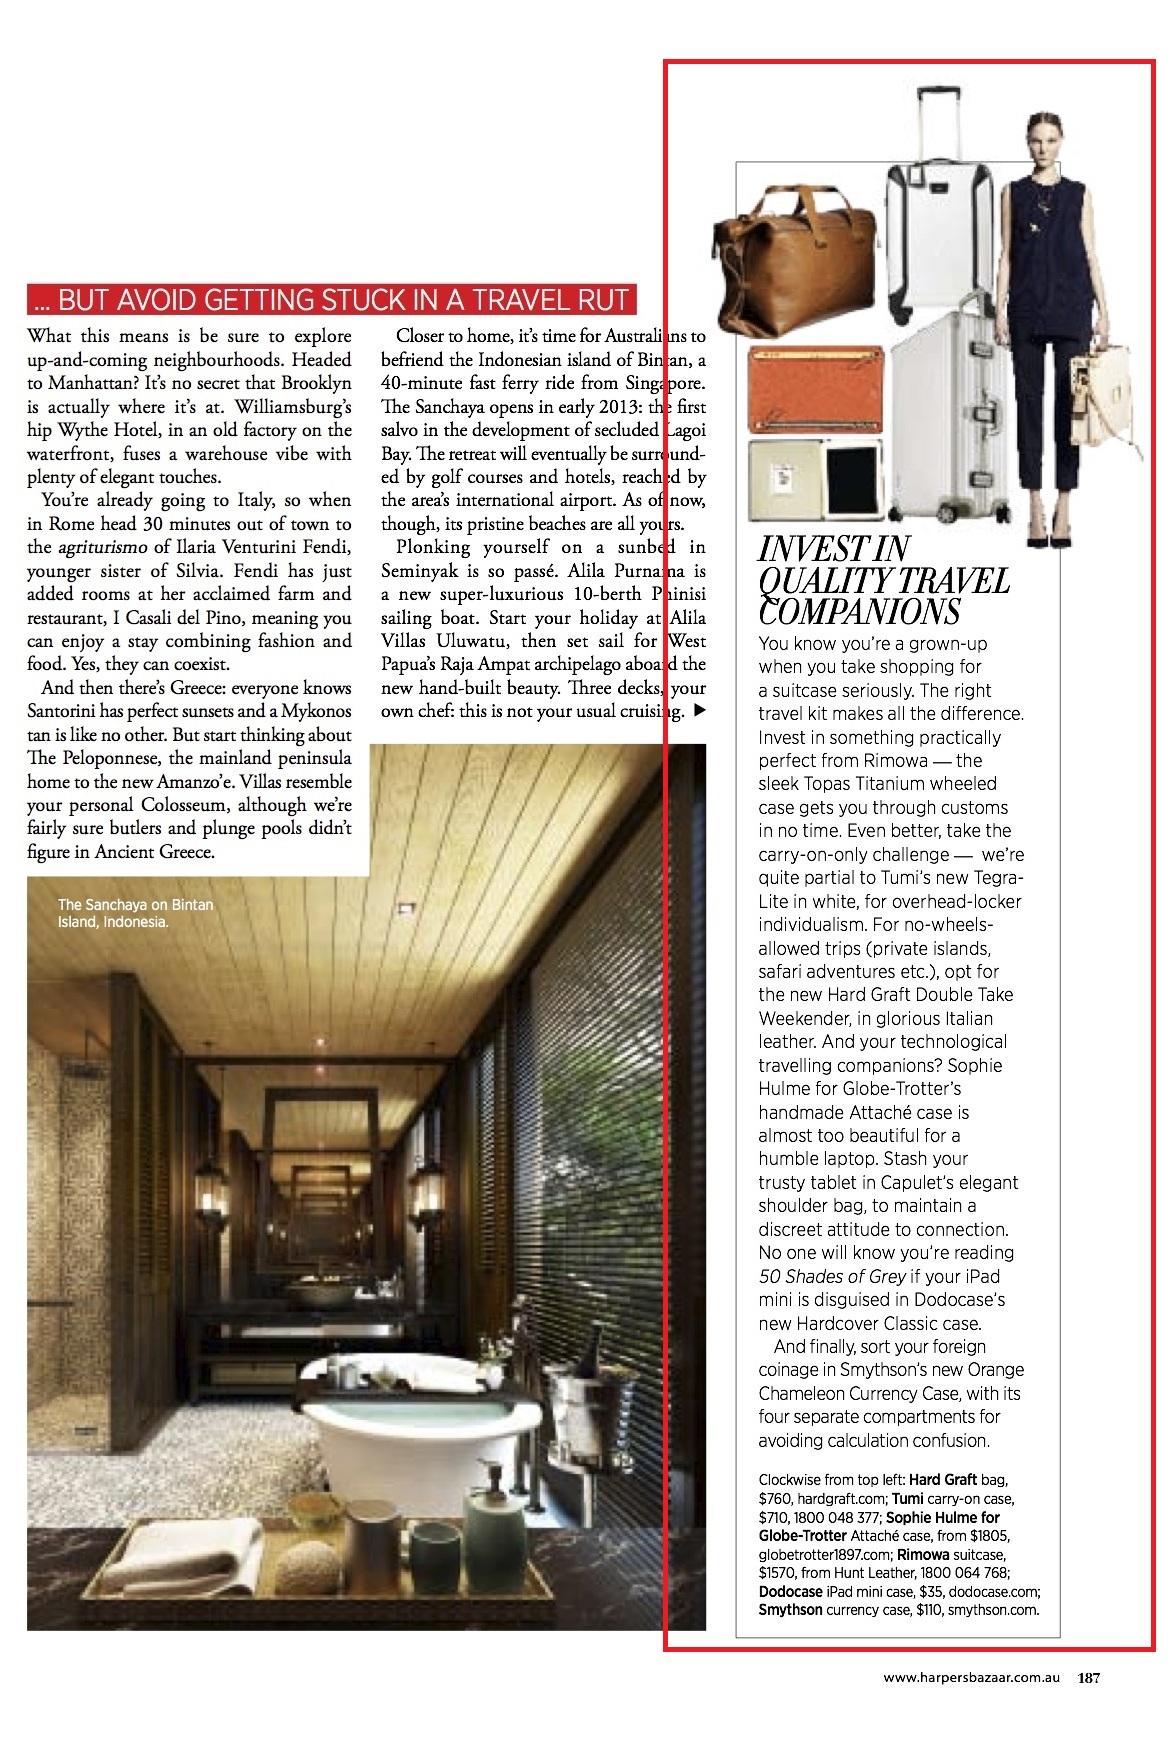 Harper's Bazaar Australia - January 2013.jpg